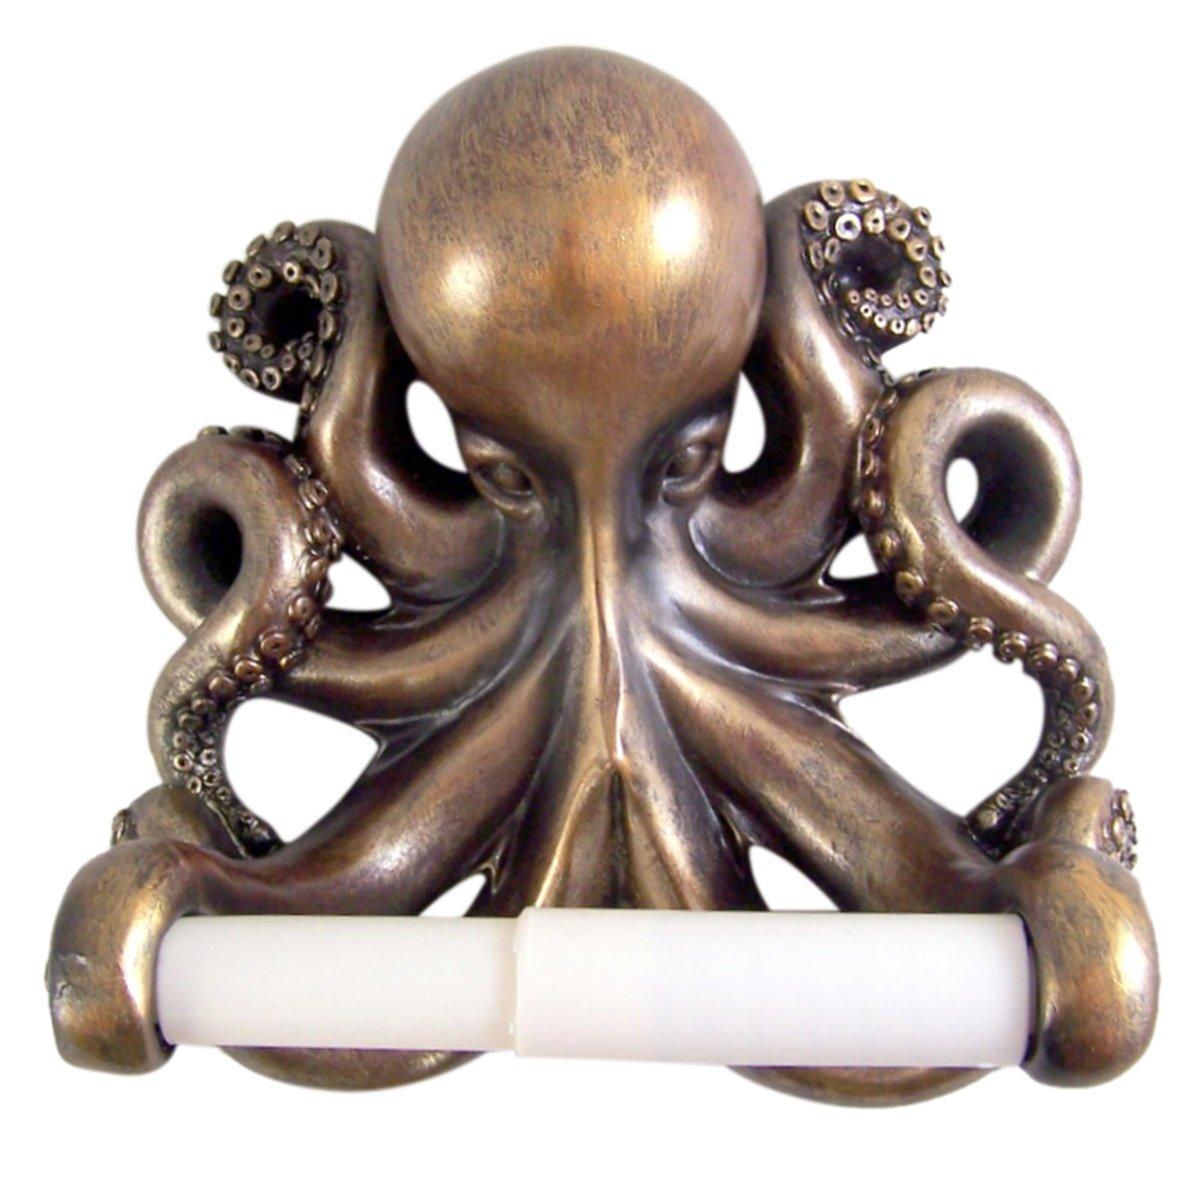 Kraken Octopus Toilet Paper Holder Bathroom Decor